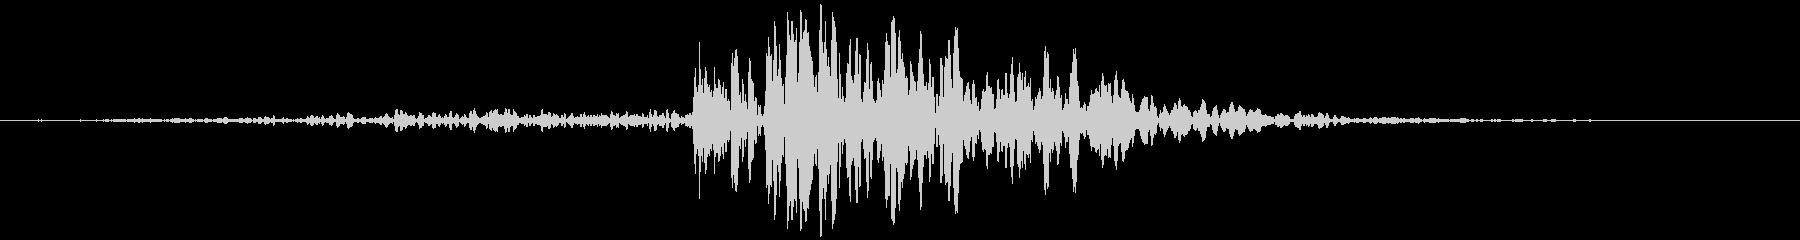 スライディングウッドヒット、フォリーの未再生の波形